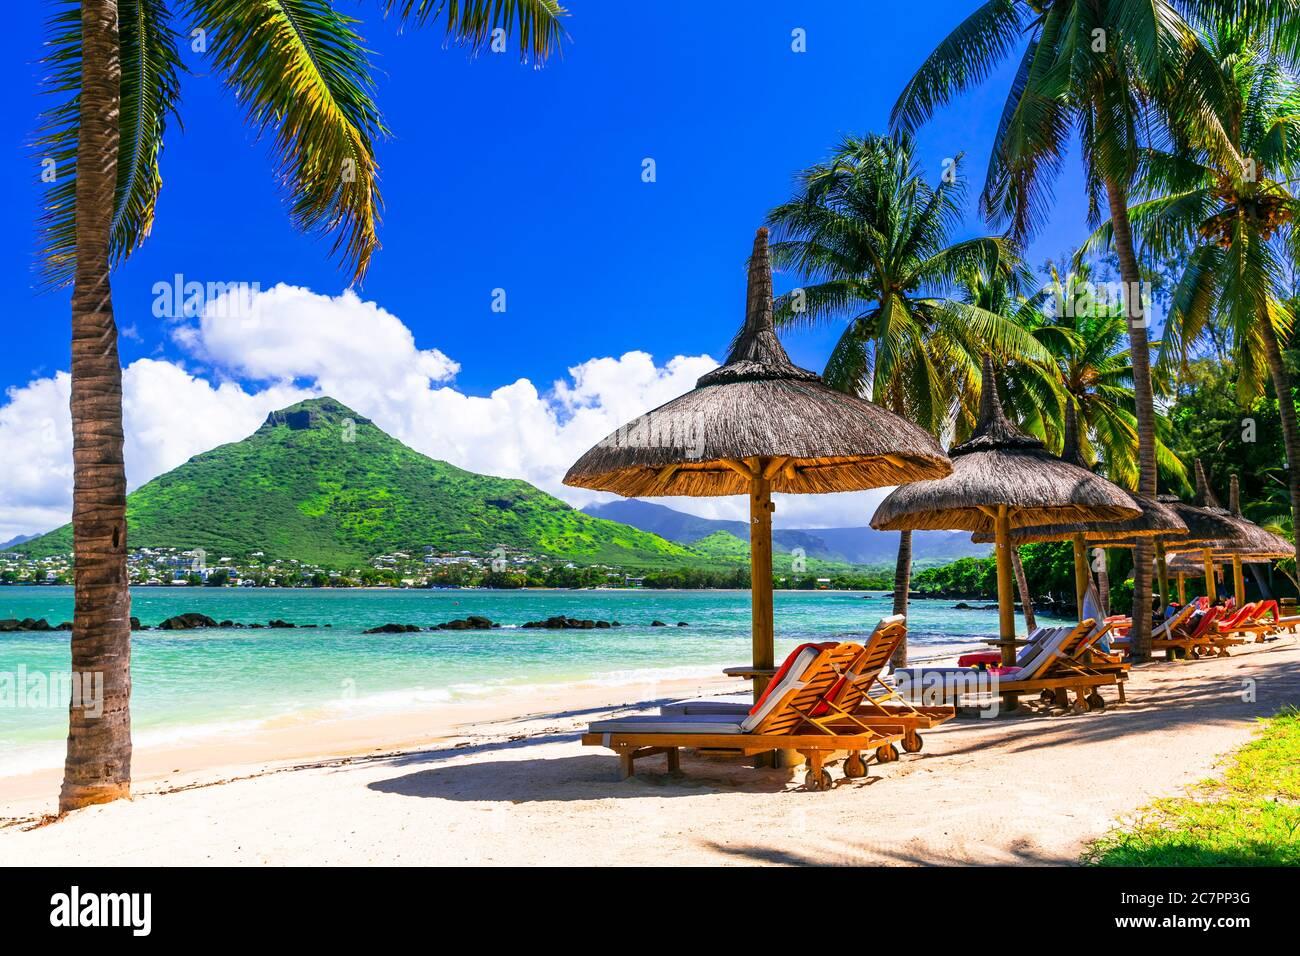 Vacances relaxantes dans un paradis tropical. Île Maurice. Plage de Flic en Flac, vue sur la montagne de Tamarin Banque D'Images